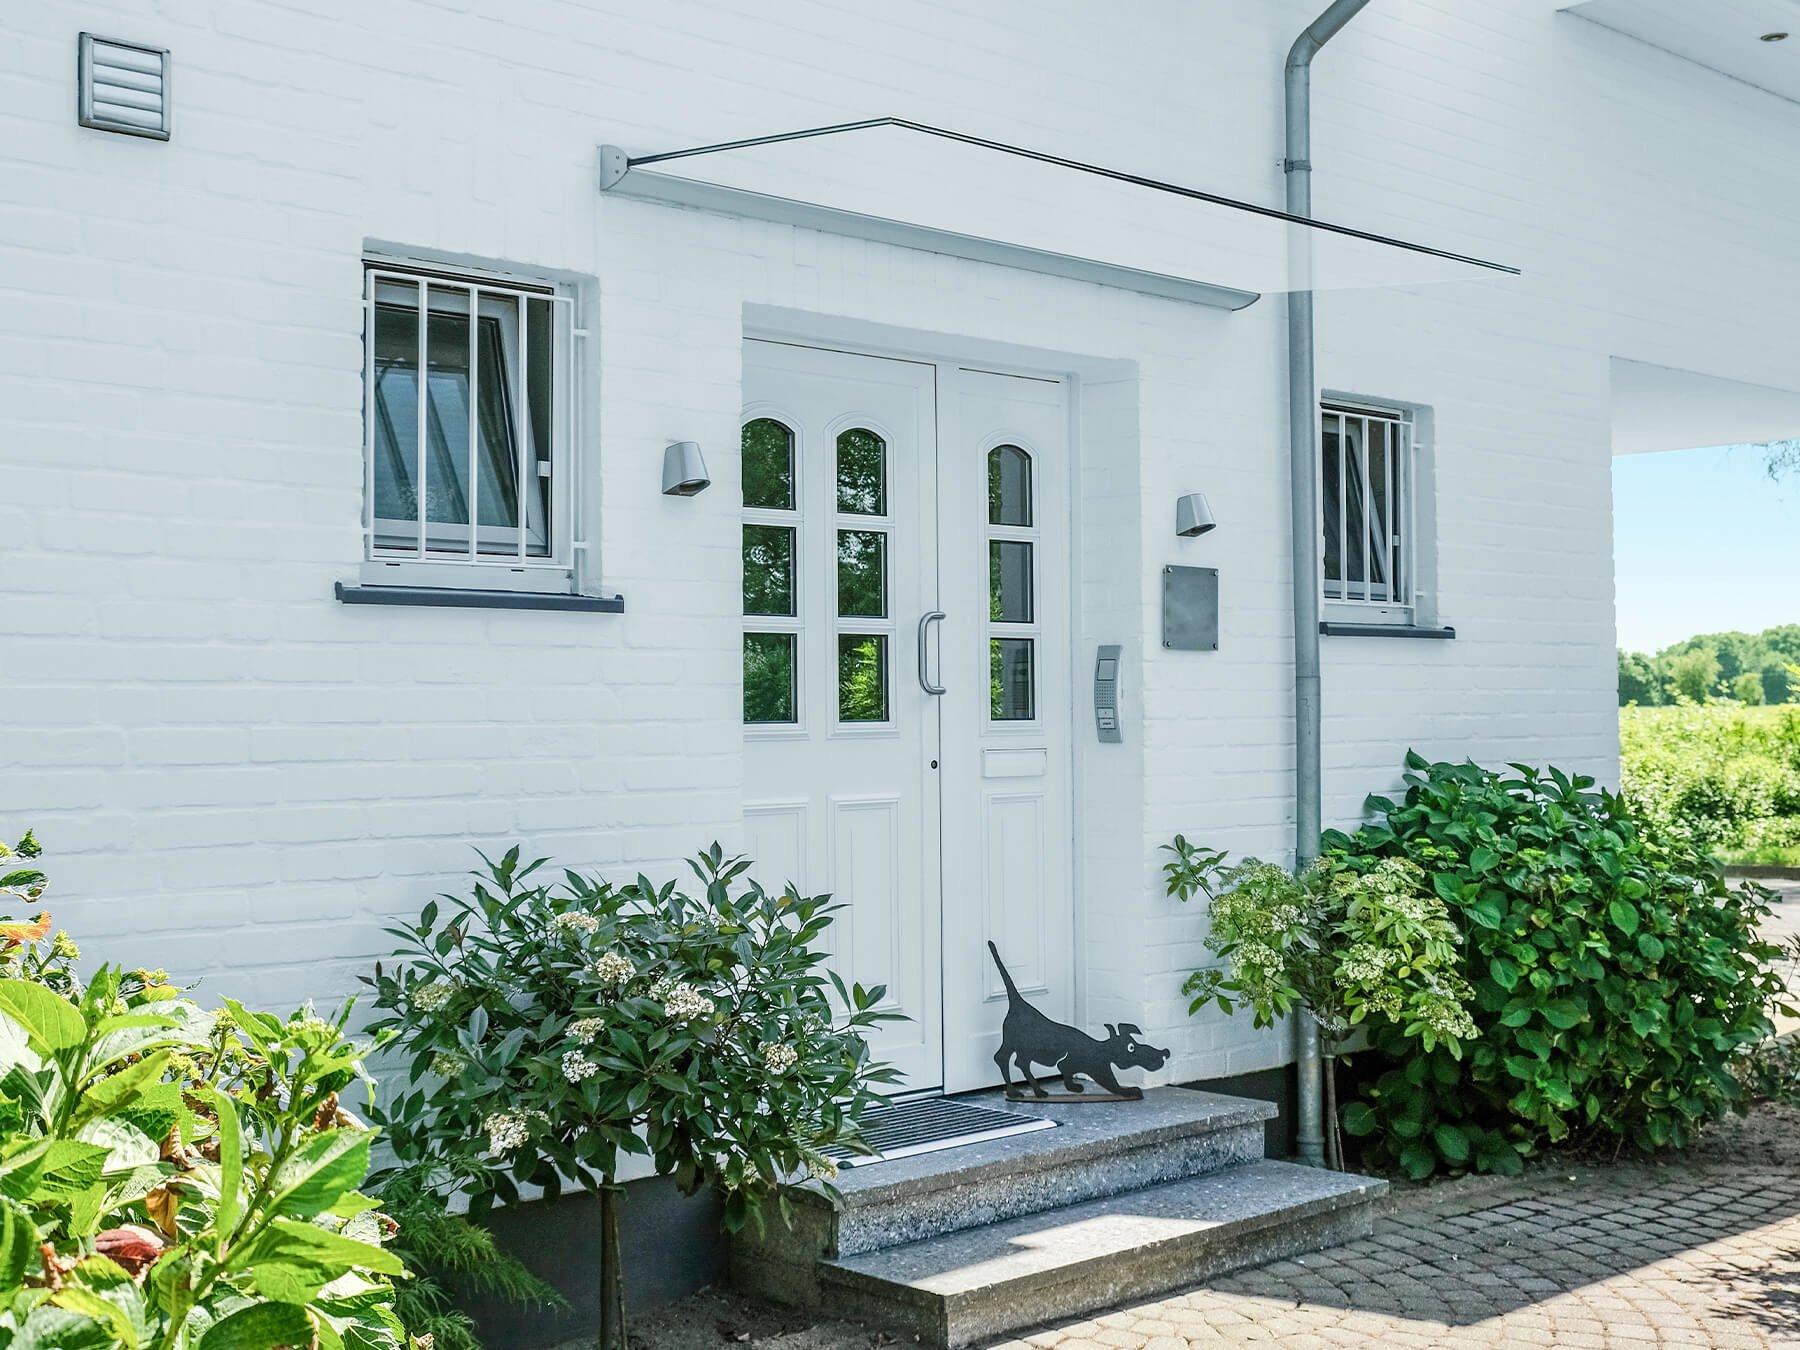 Freitragendes Glasvordach über dem Hauseinang